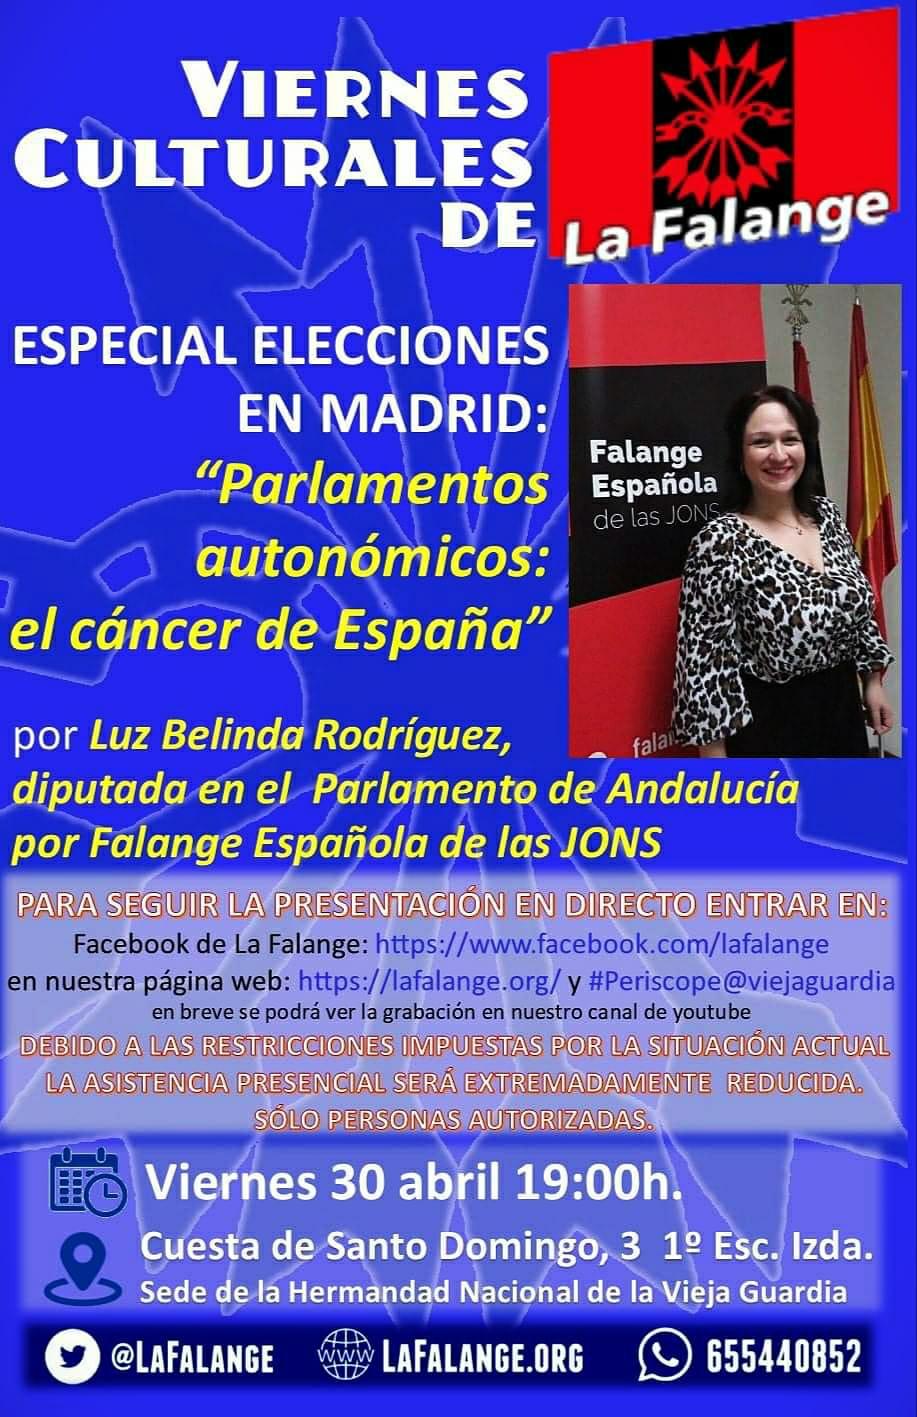 Nuevo viernes cultural. ESPECIAL ELECCIONES con Luz Belinda Rodríguez